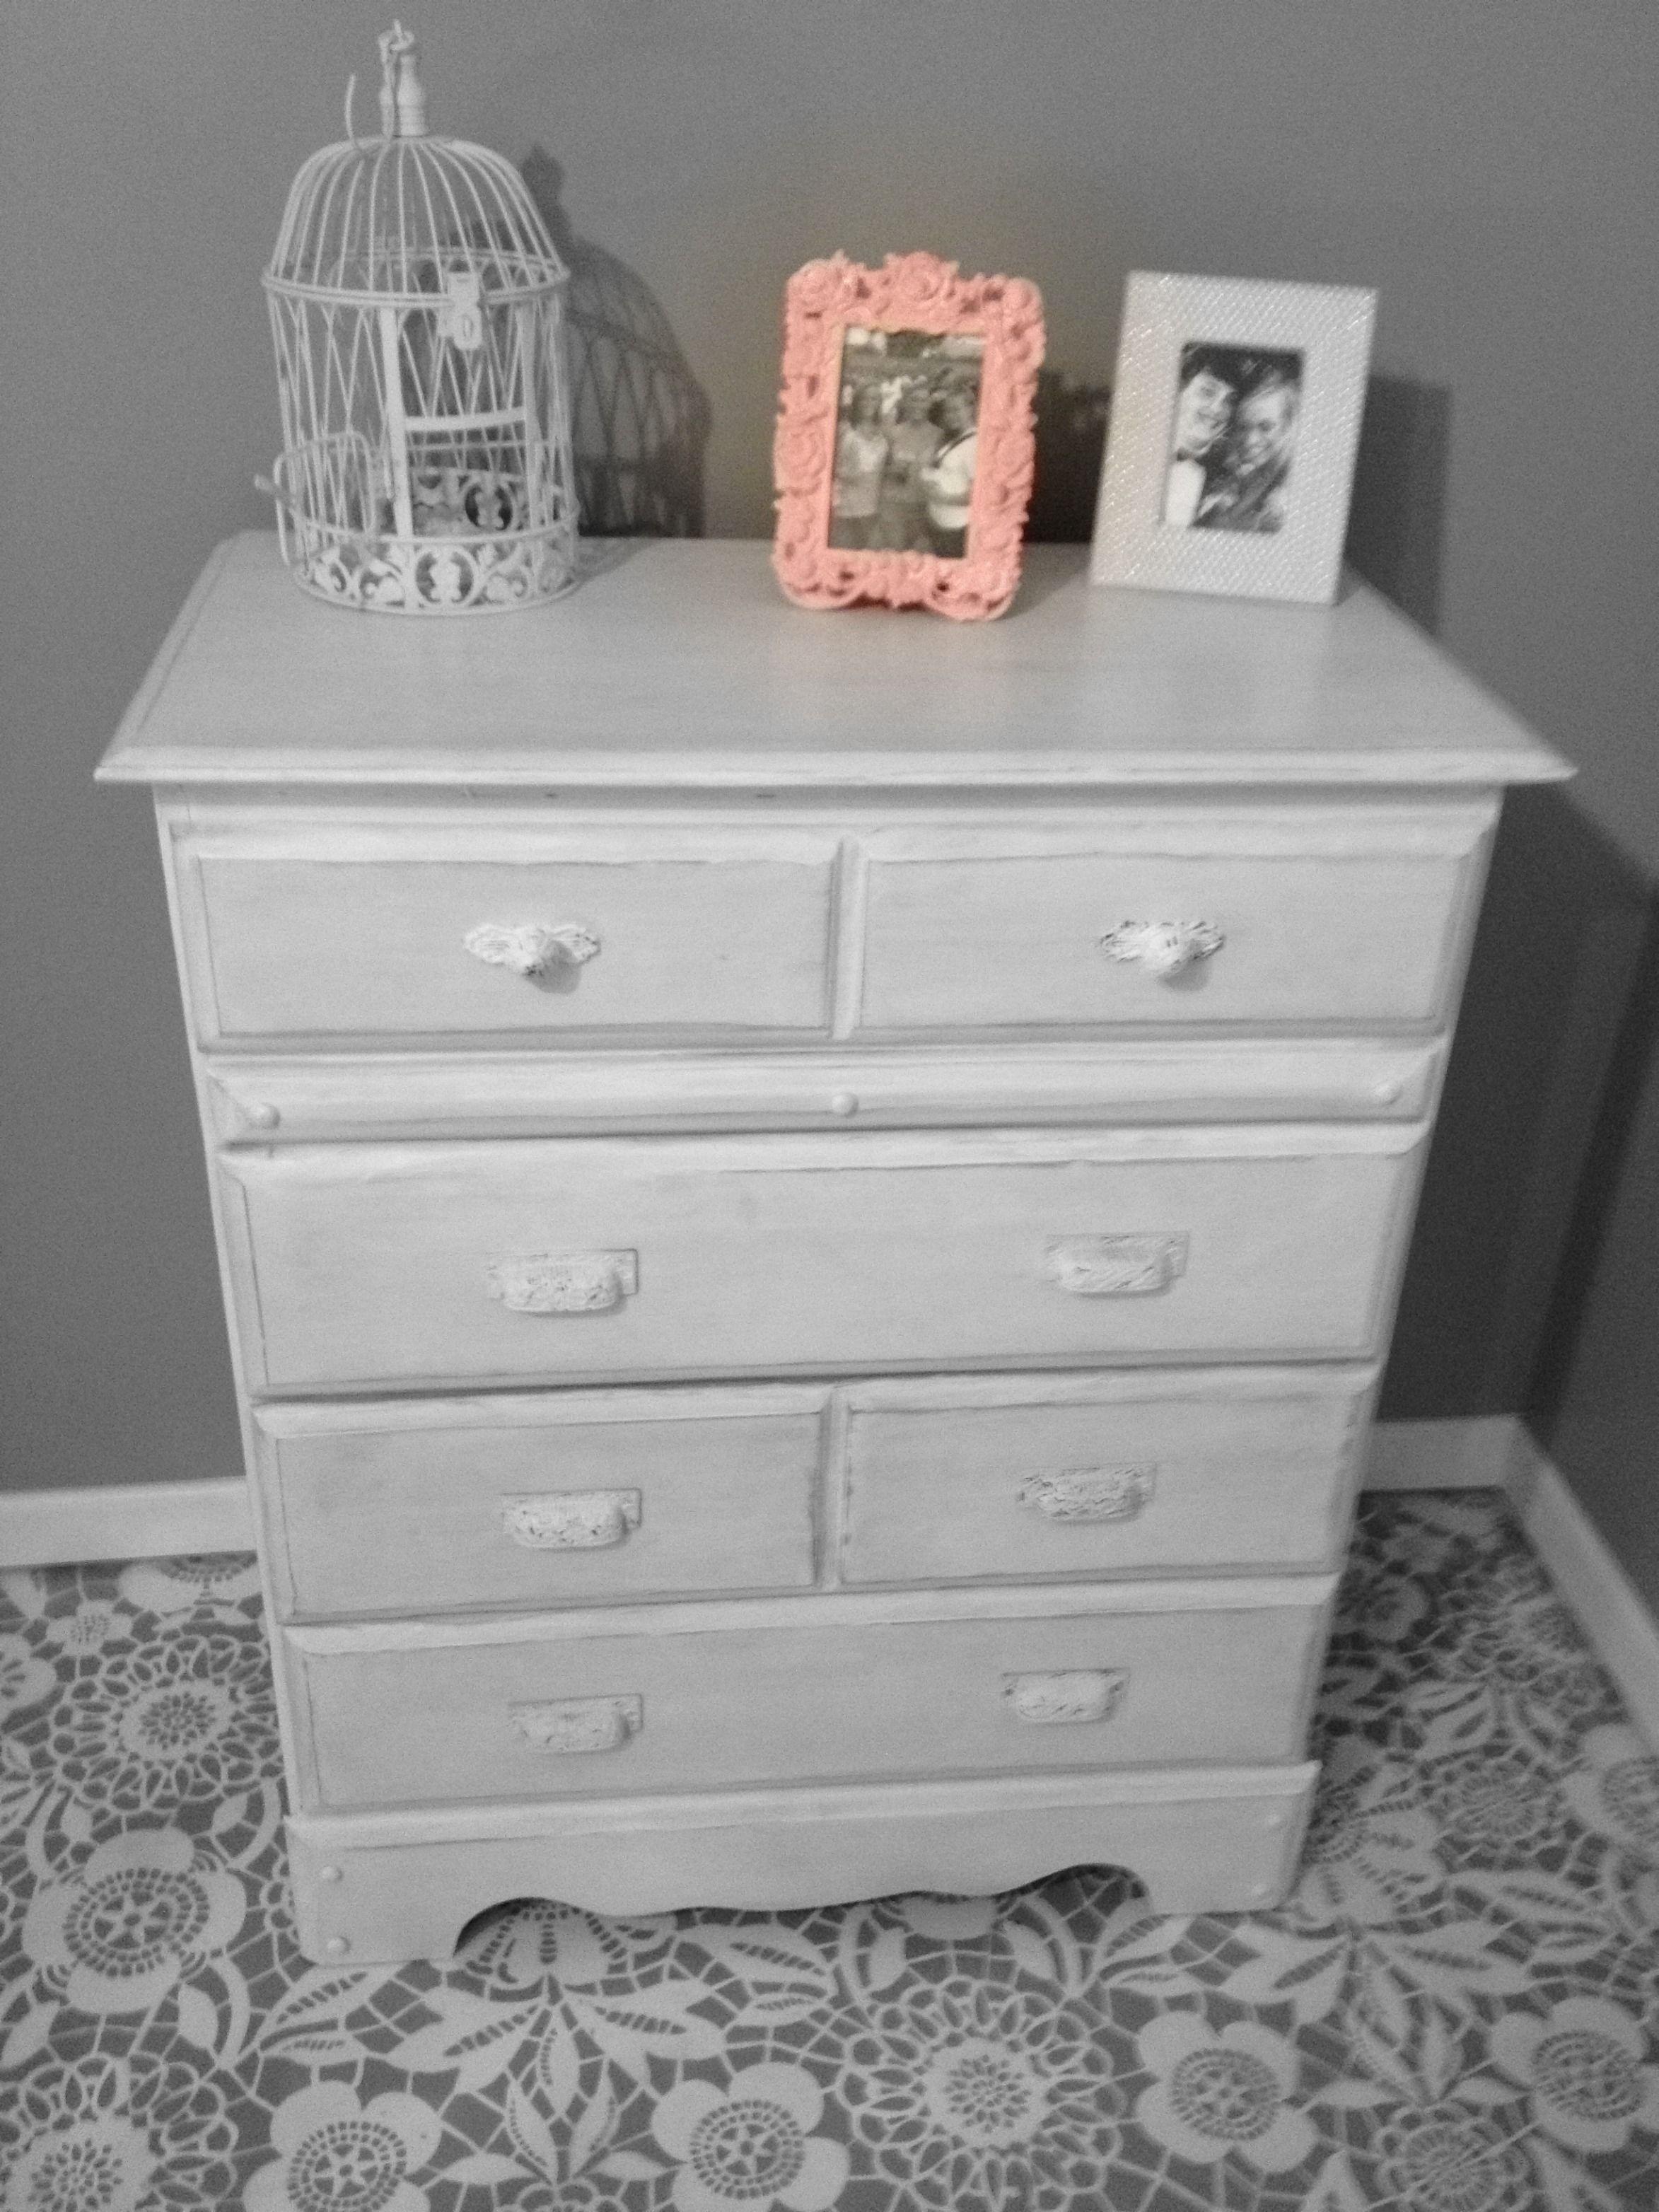 refinished furniture | refinishing ideas | Pinterest